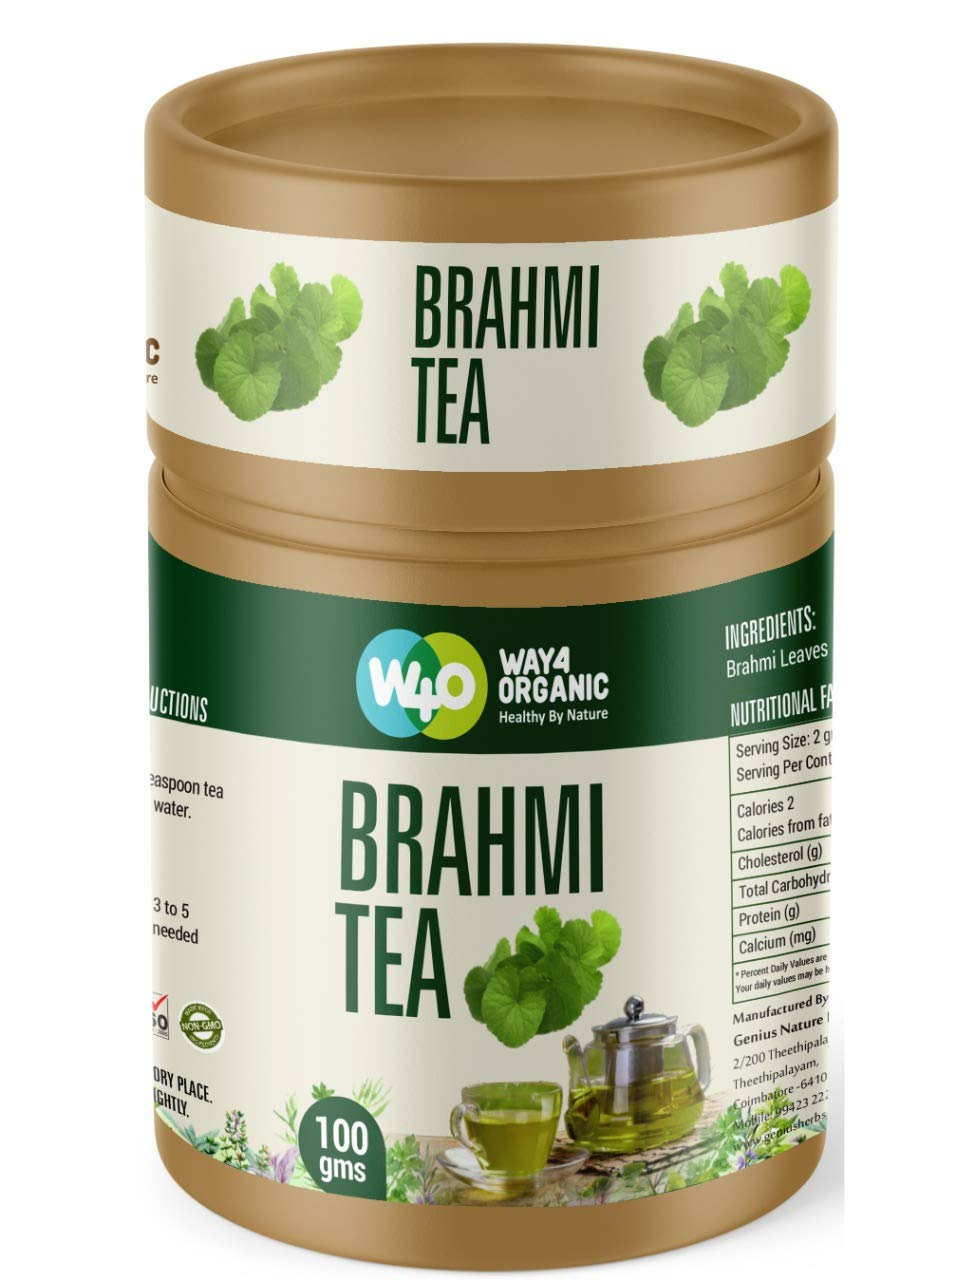 Way4Organic Bhrami Tea